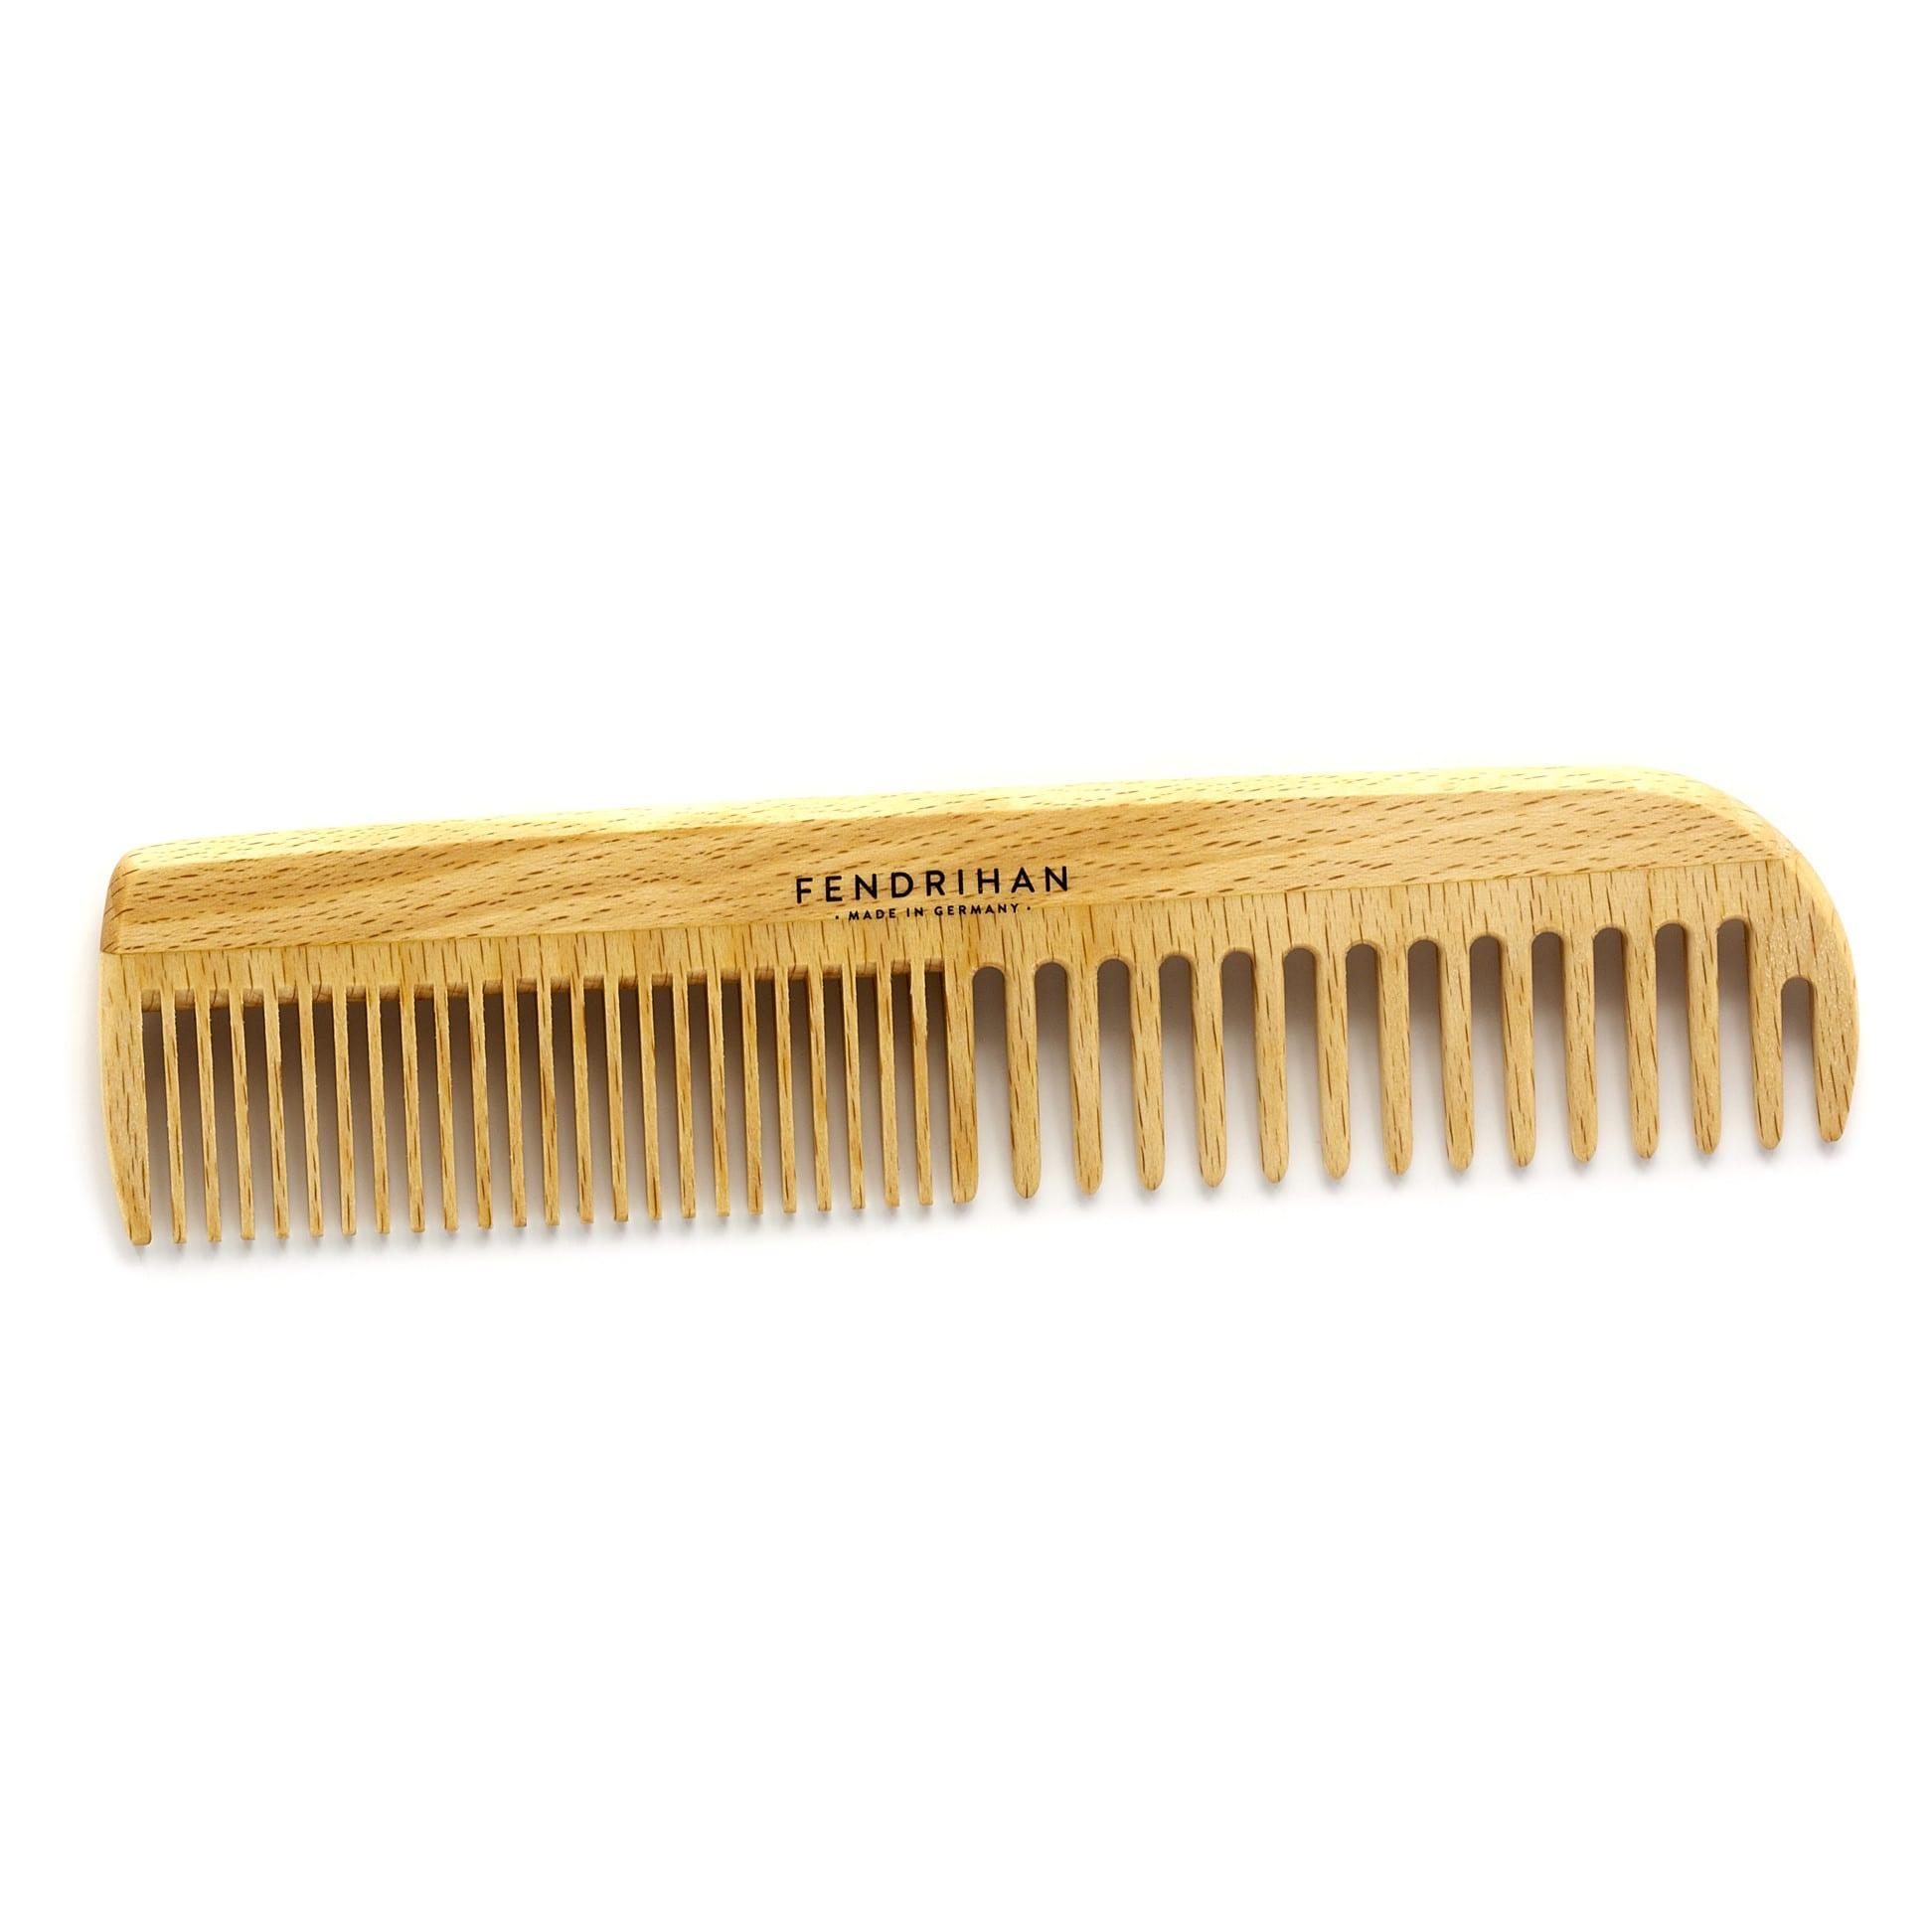 fendrihan pocket comb